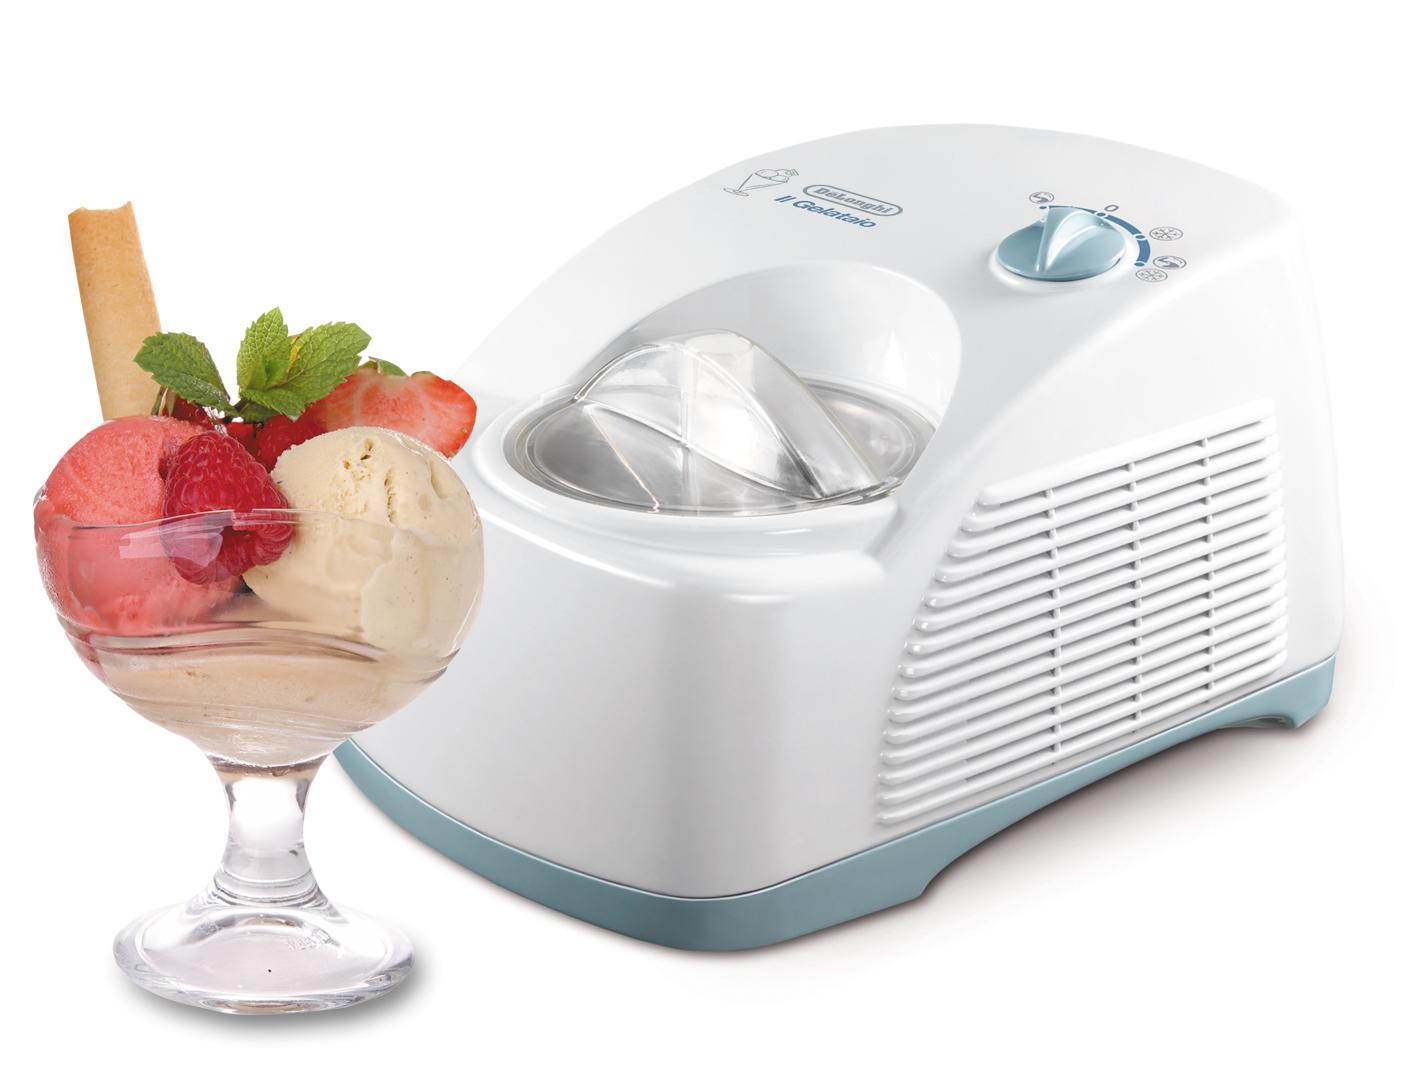 Мороженица De'Longhi ICK 5000 с мороженым